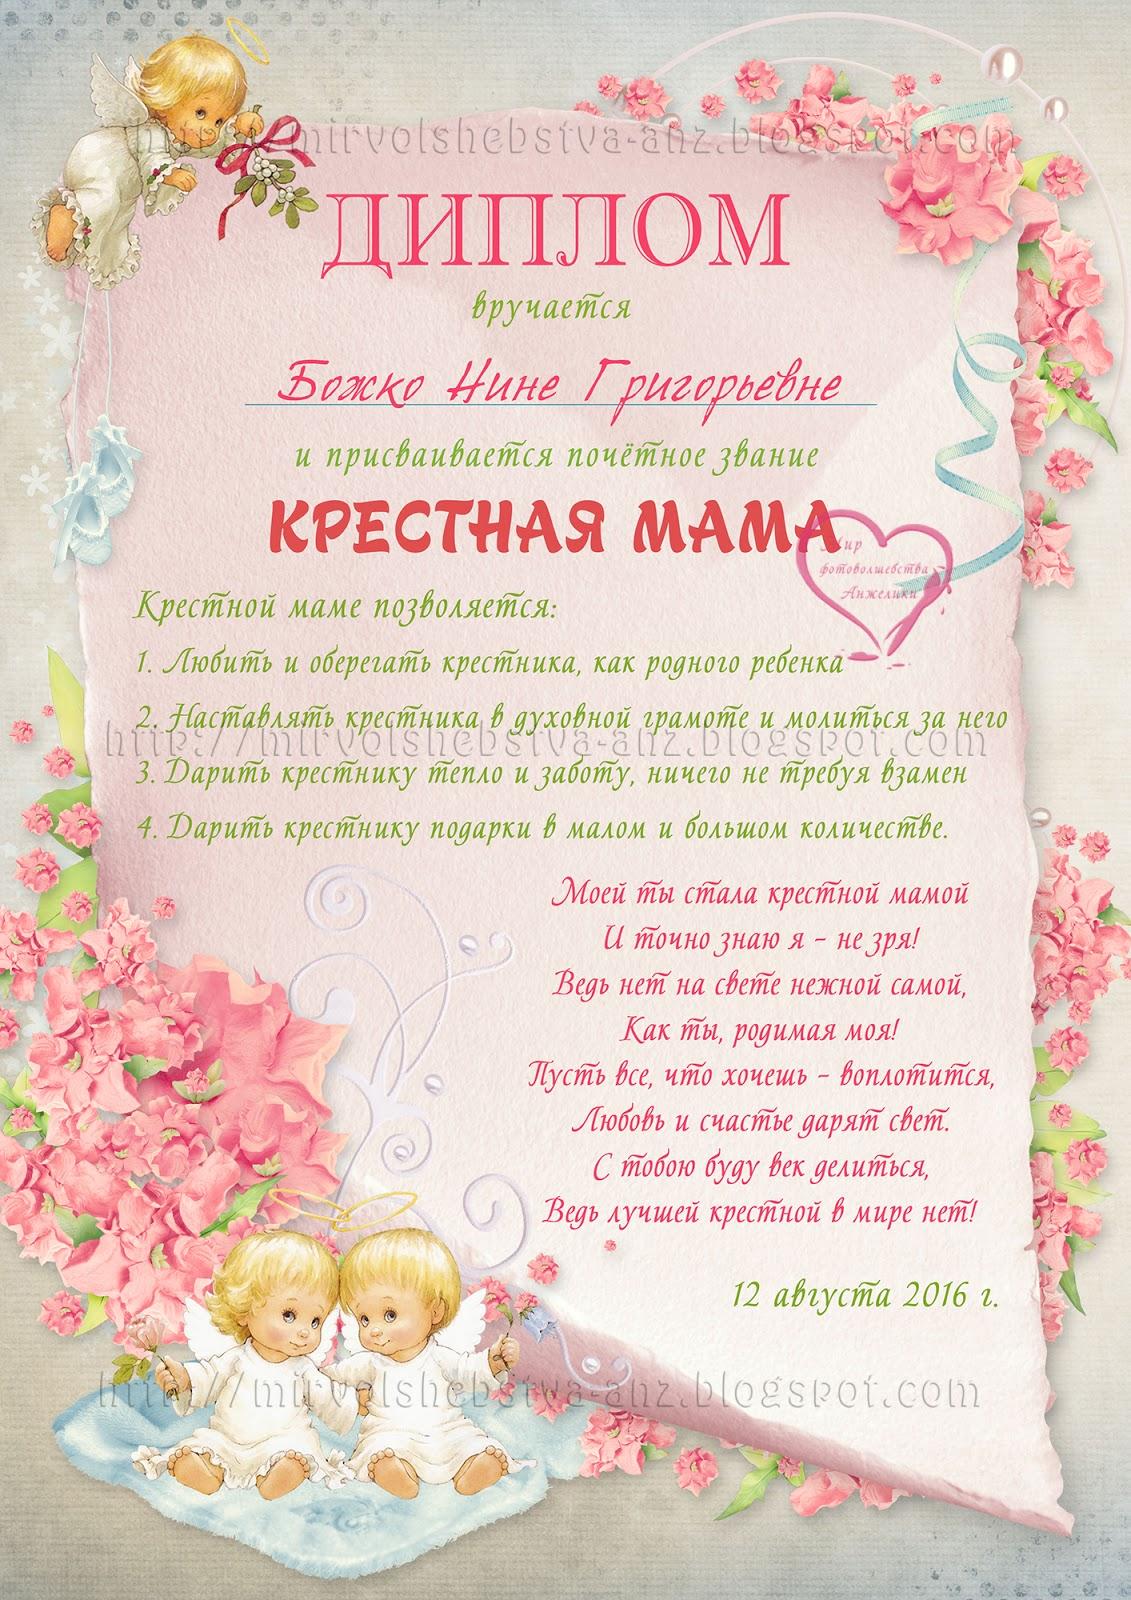 Оригинальное поздравление крестной маме с днем рождения от